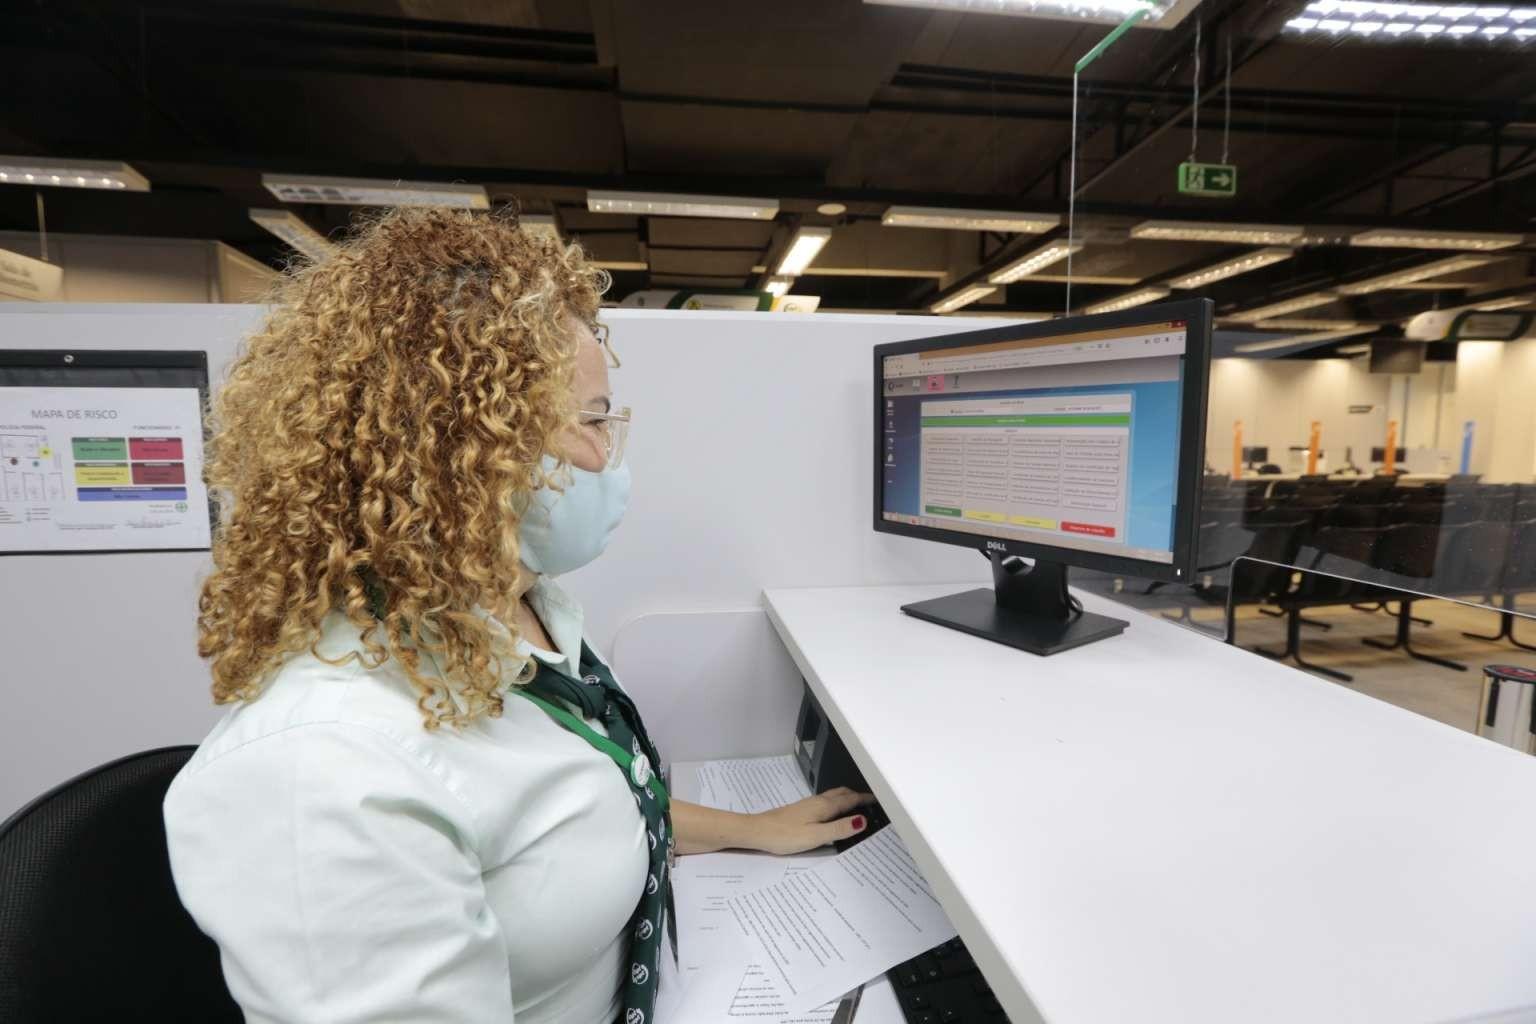 Vapt Vupts e Casas do Cidadão de Fortaleza, Sobral e Juazeiro do Norte auxiliam no cadastro para vacinação contra Covid-19